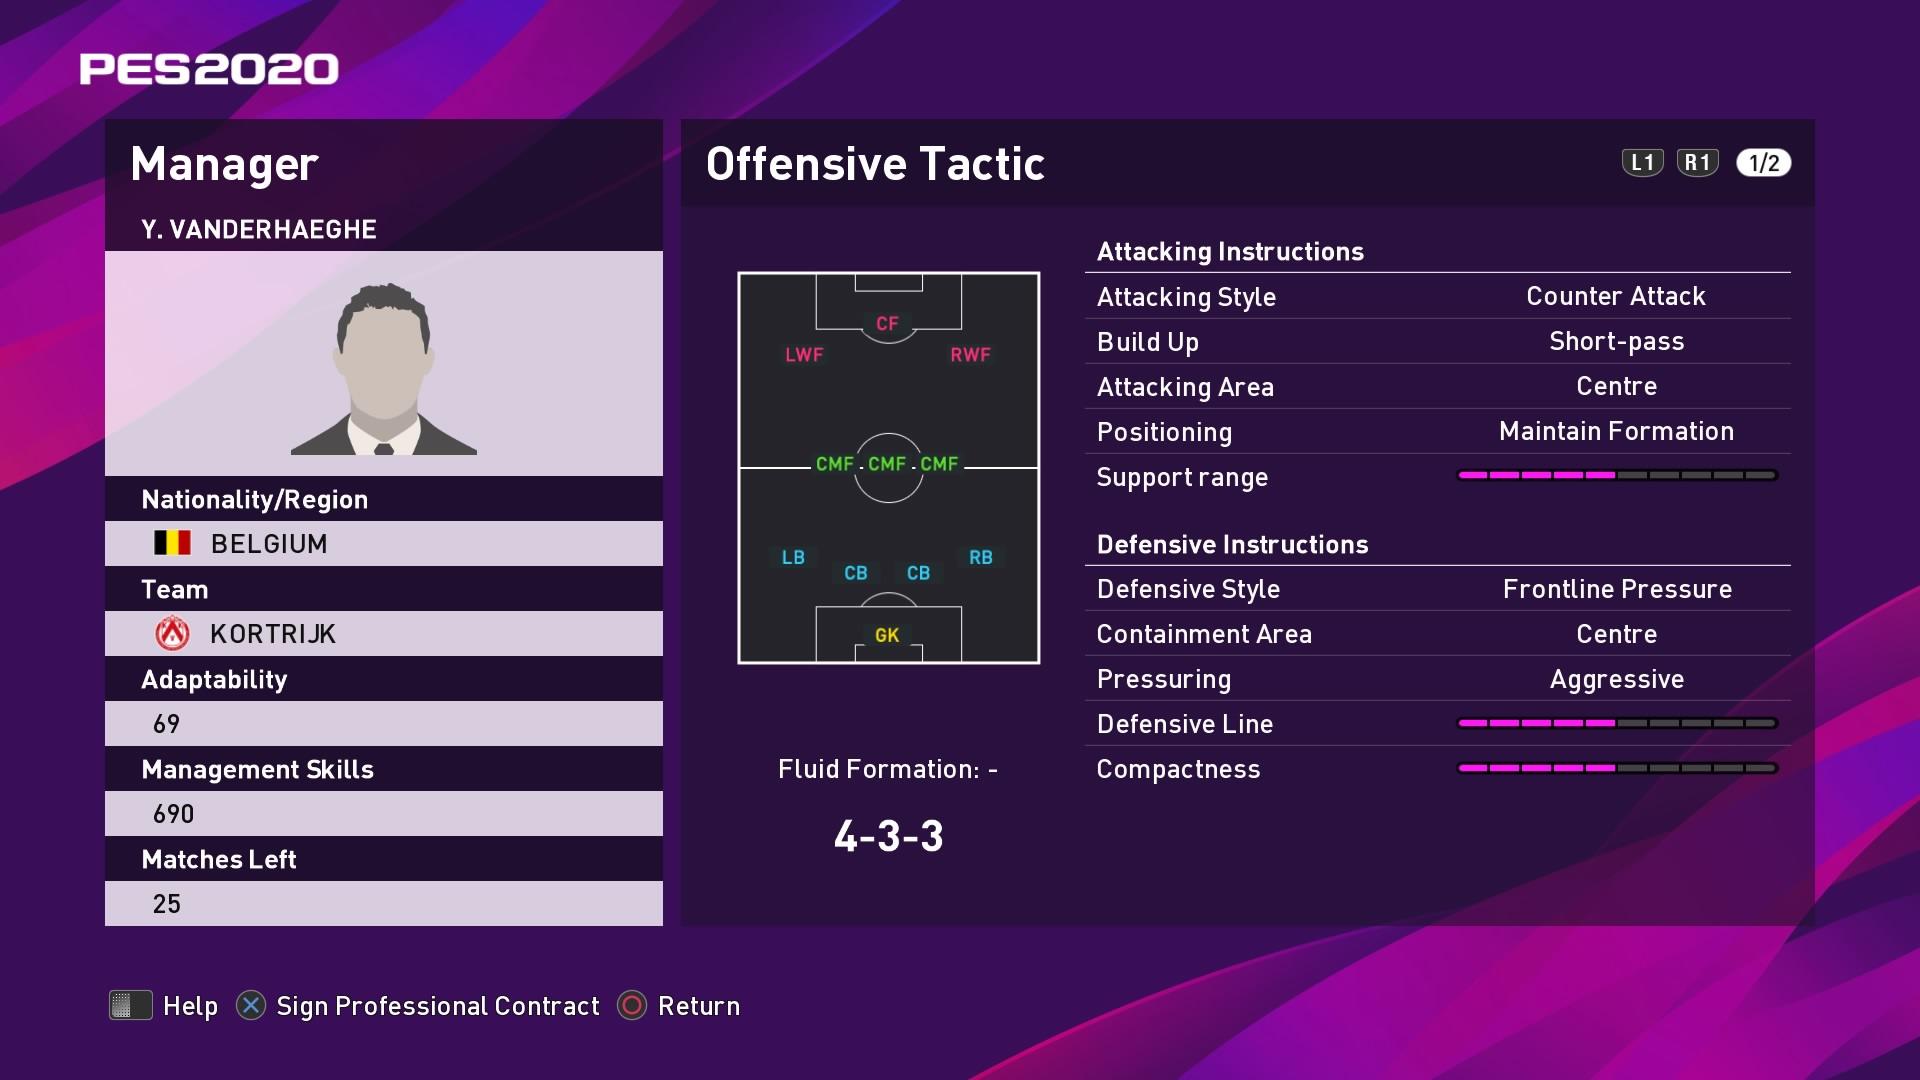 Y. Vanderhaeghe (Yves Vanderhaeghe) Offensive Tactic in PES 2020 myClub